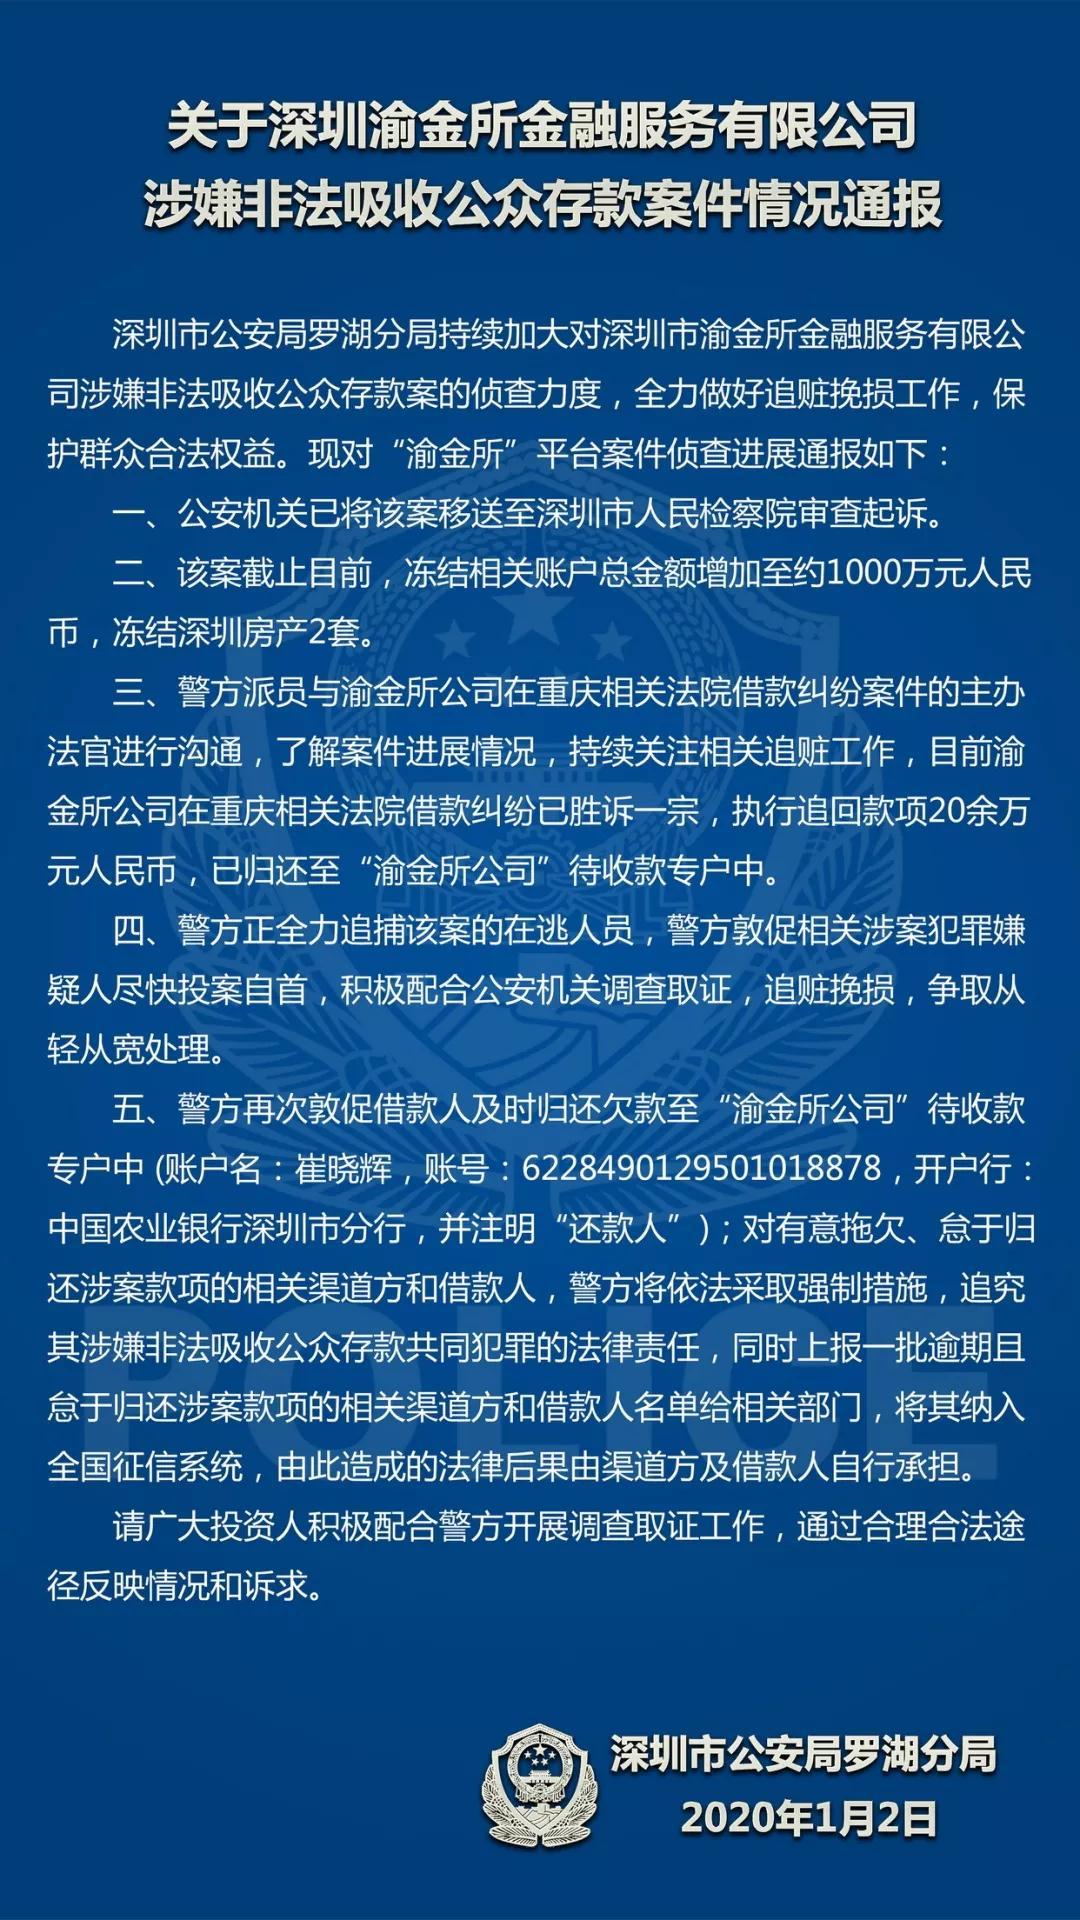 渝金所案新进展:已送检察院起诉 冻结资金总额约1000万元